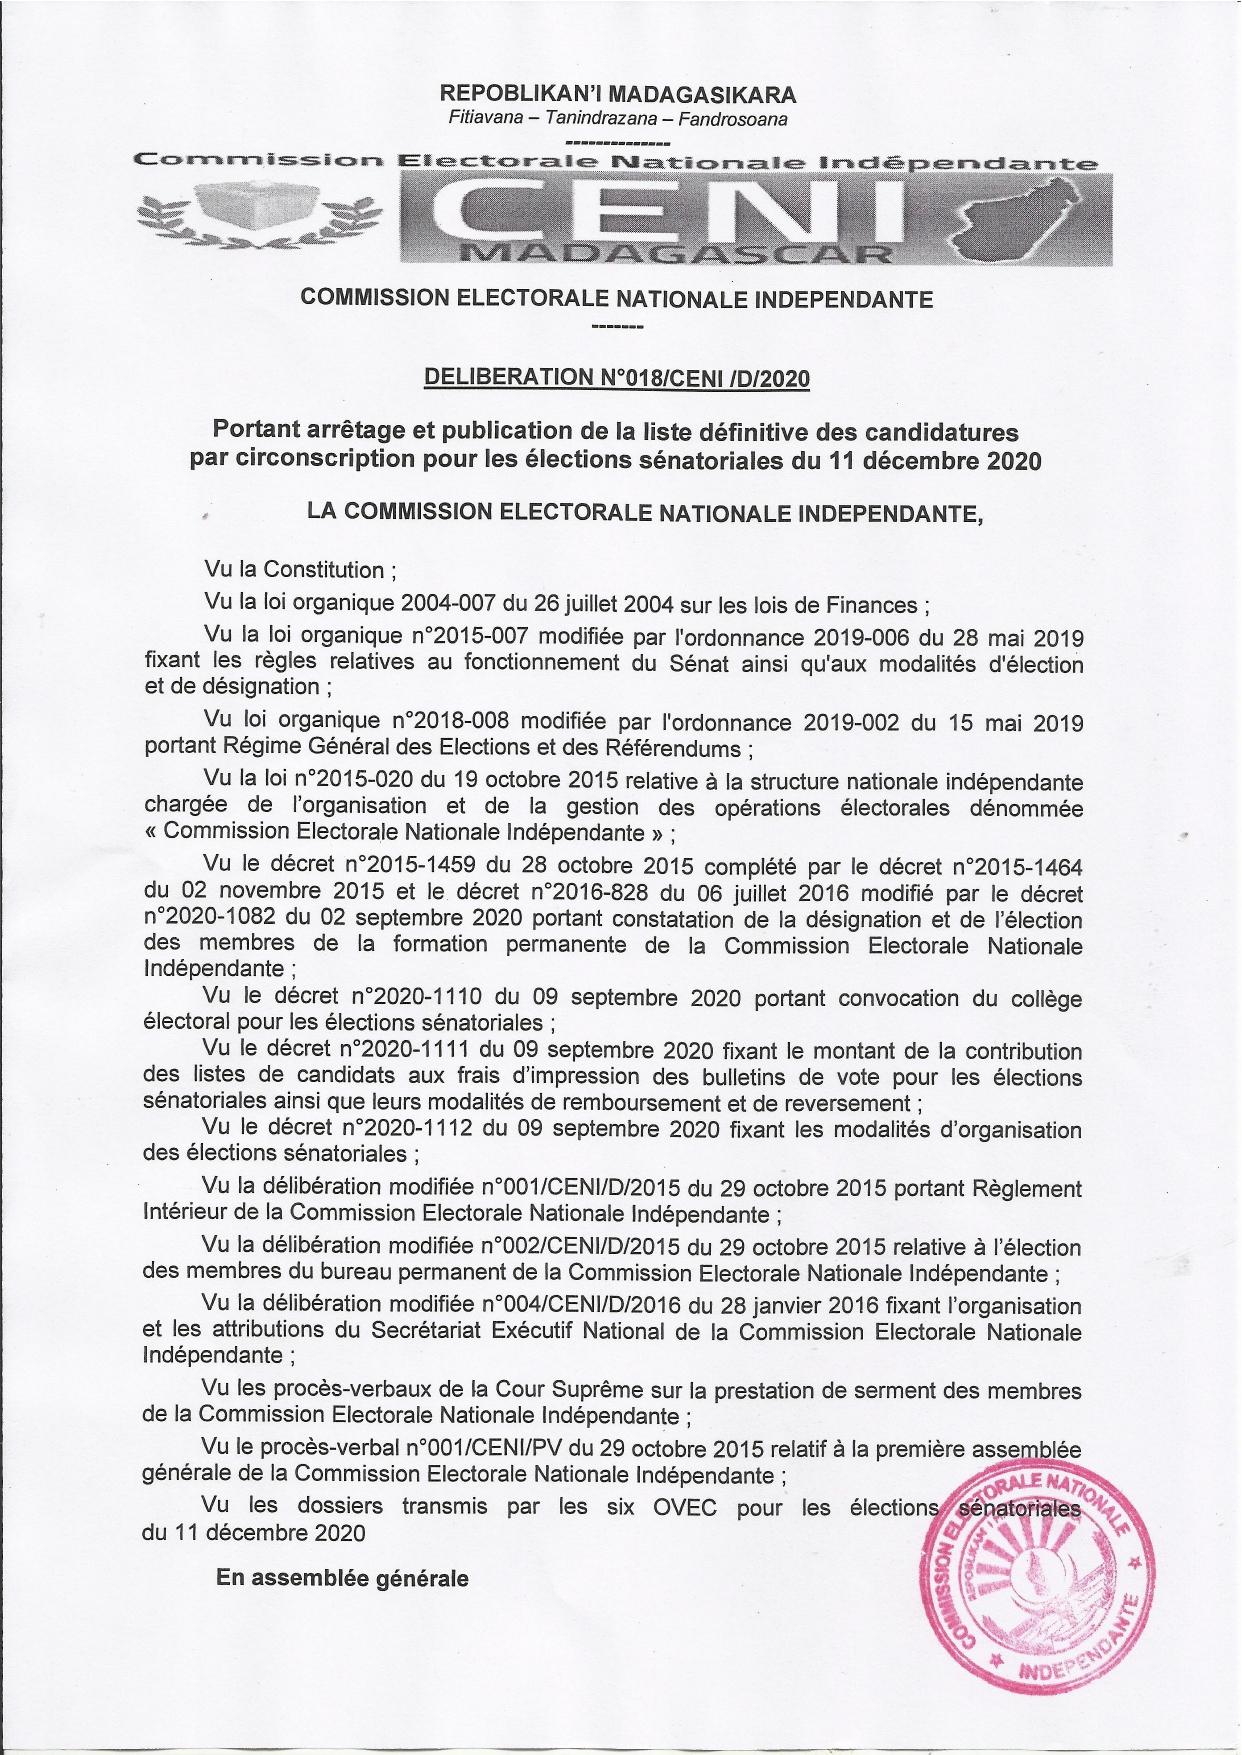 Délibération portant arrêtage et publication de la liste officielle des candidats aux élections sénatoriales